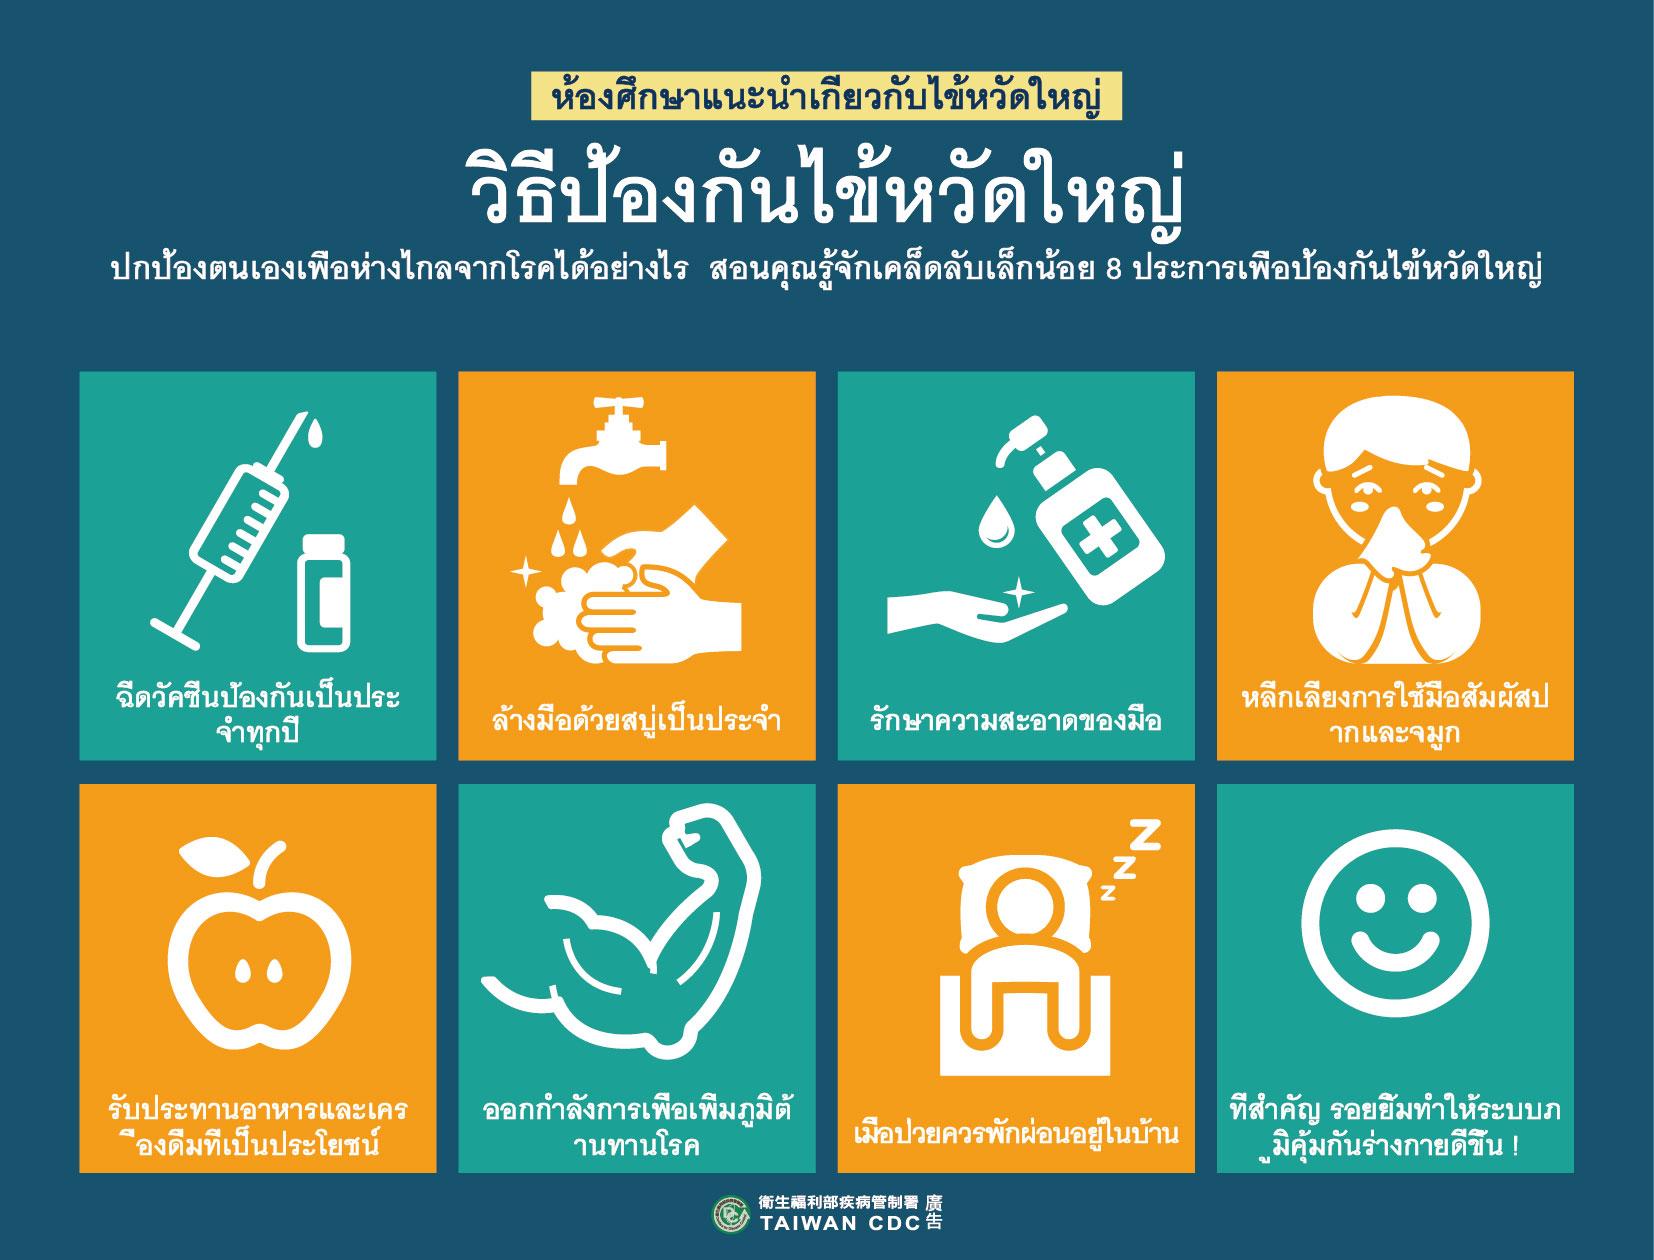 詳如附件【คลิก】วิธีป้องกันไข้หวัดใหญ่流感的預防方法(泰文)